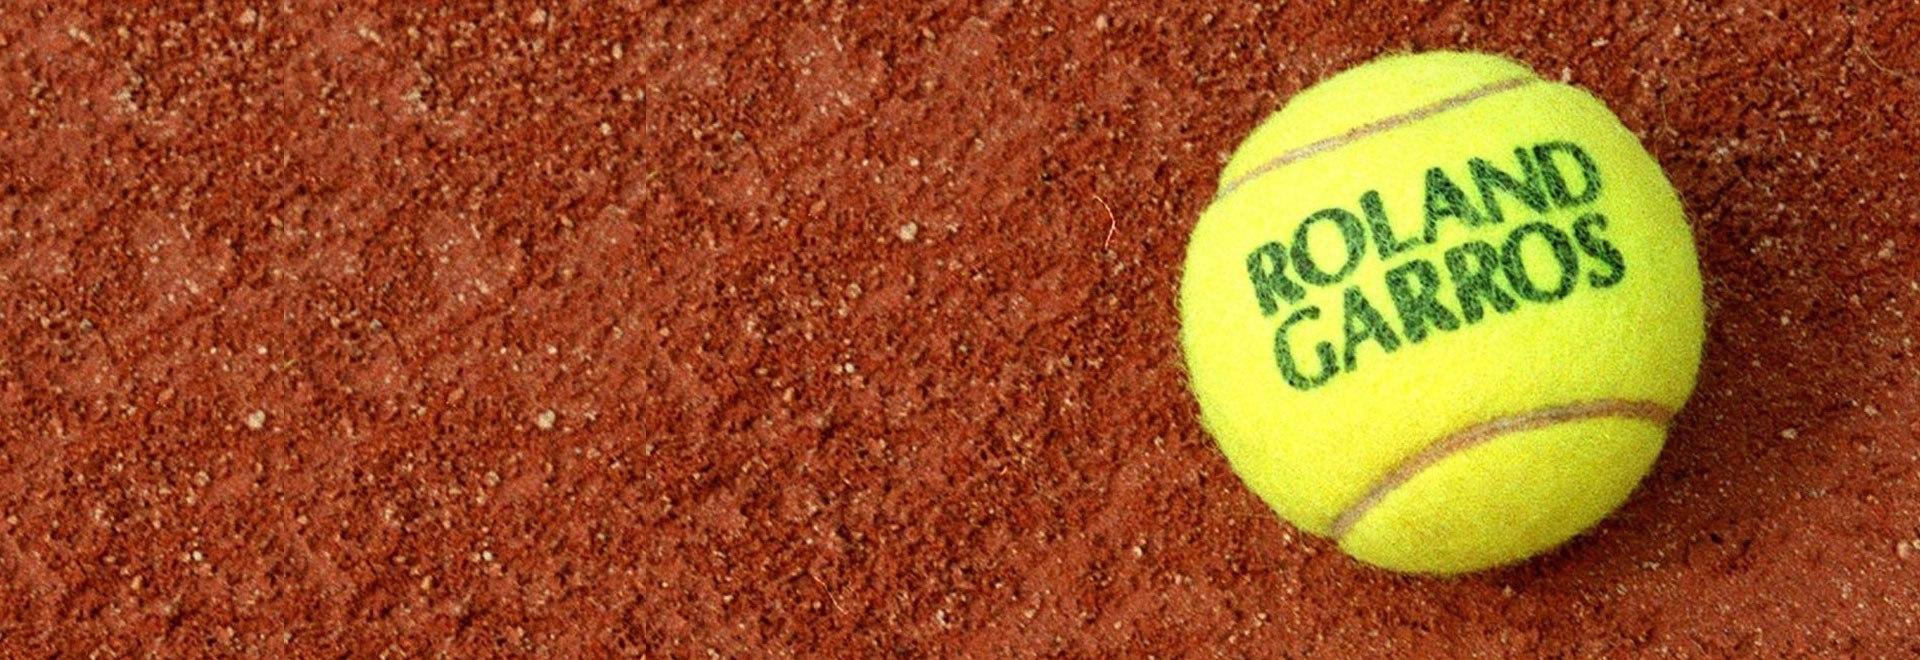 La partita della svolta: Chang-Lendl 1989